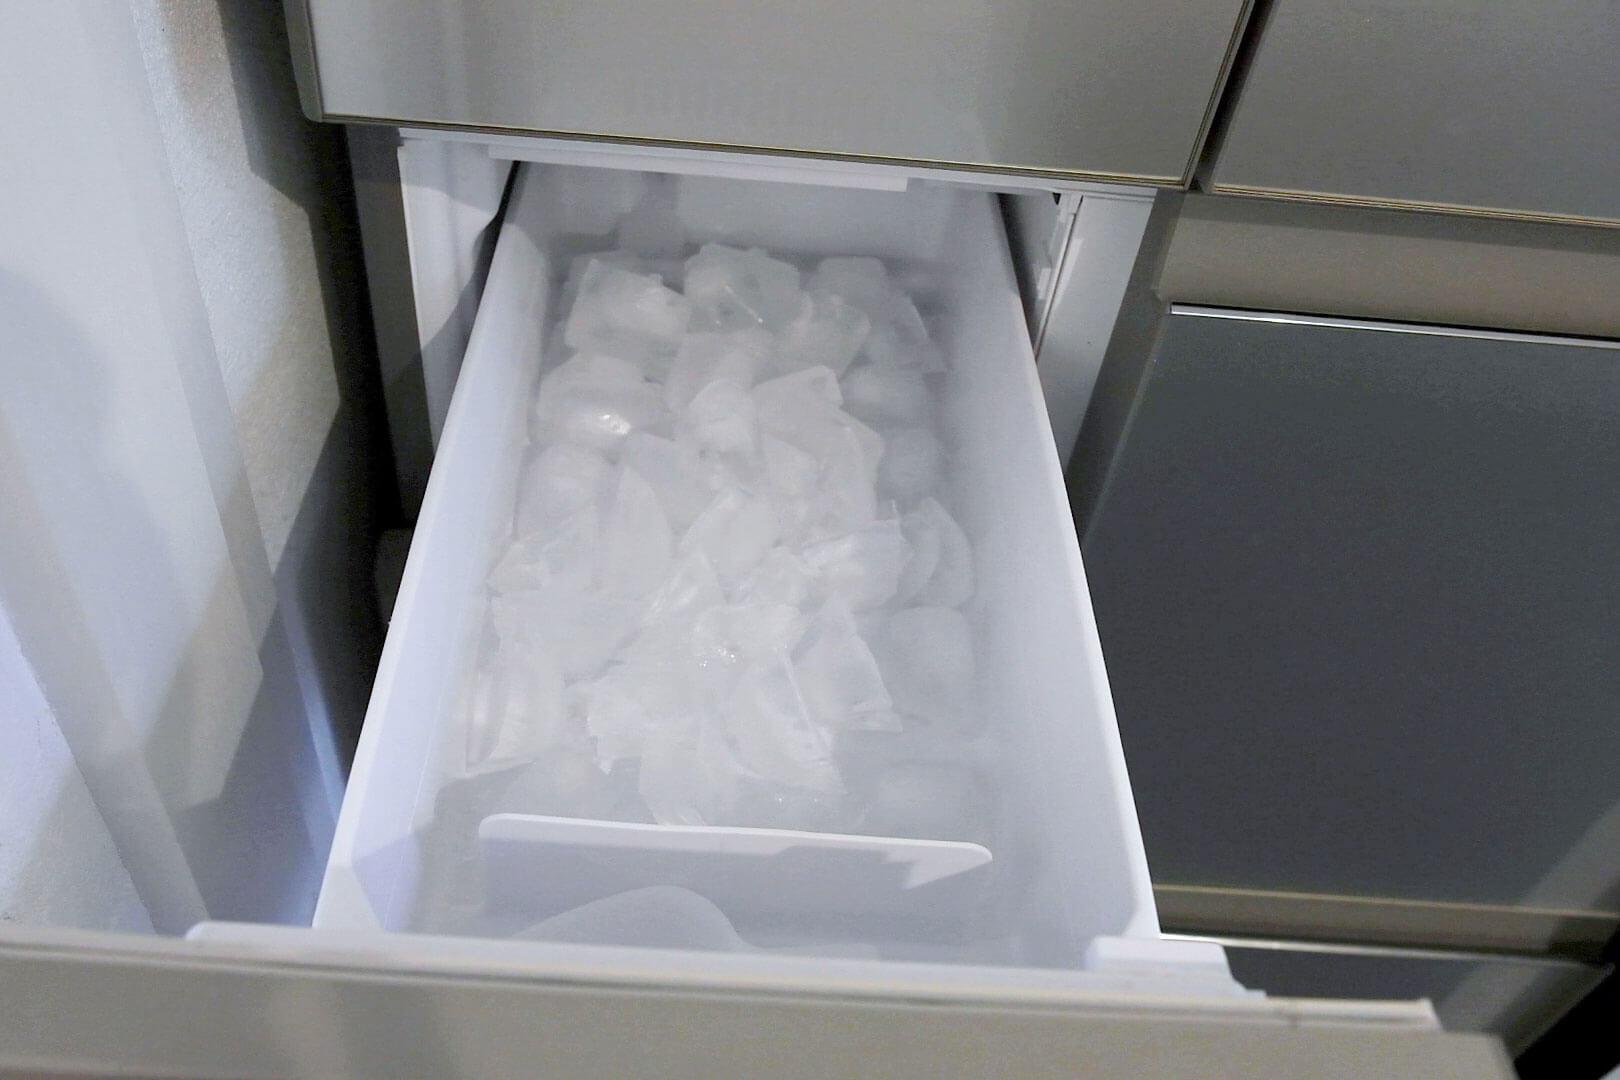 アズマ工業 自動製氷機の汚れ取りま専科を使ったあとの透明の氷